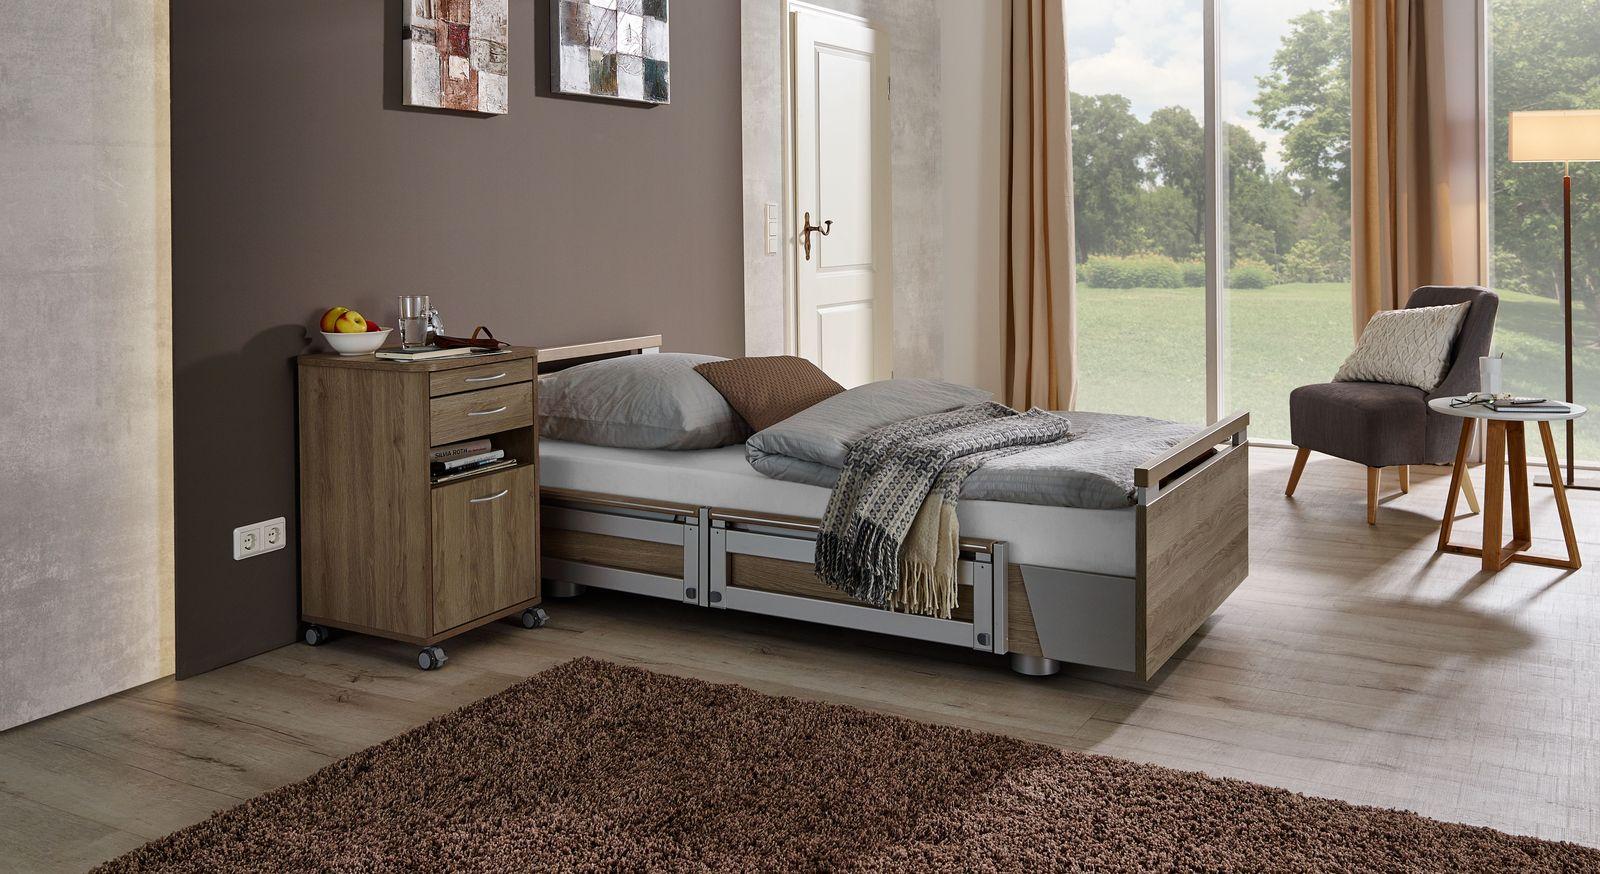 Passende Produkte zum Komfortbett mit Pflegebett-Funktion Usedom